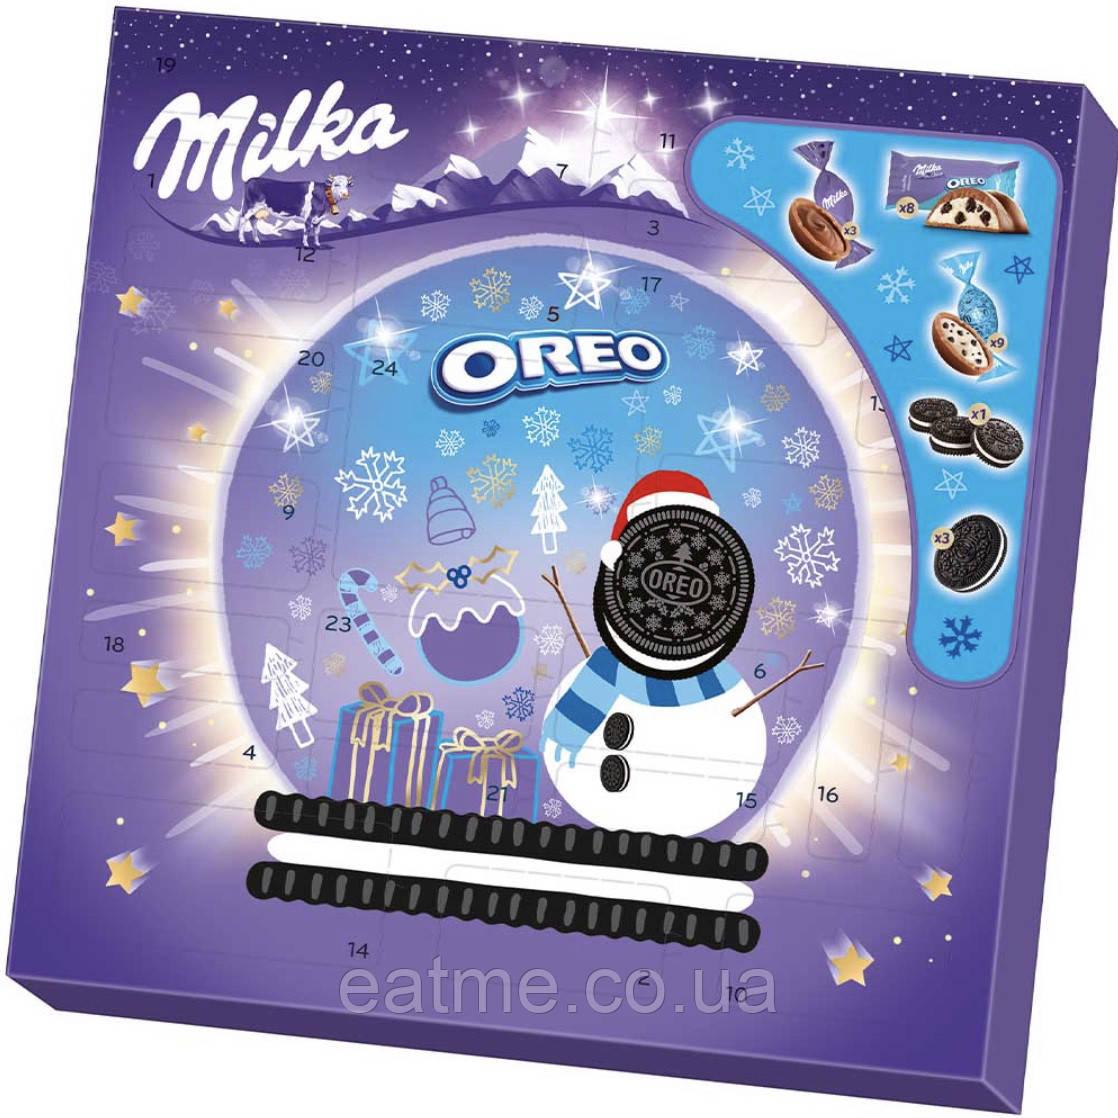 Адвент календарь Milka+Oreo 286 грамм